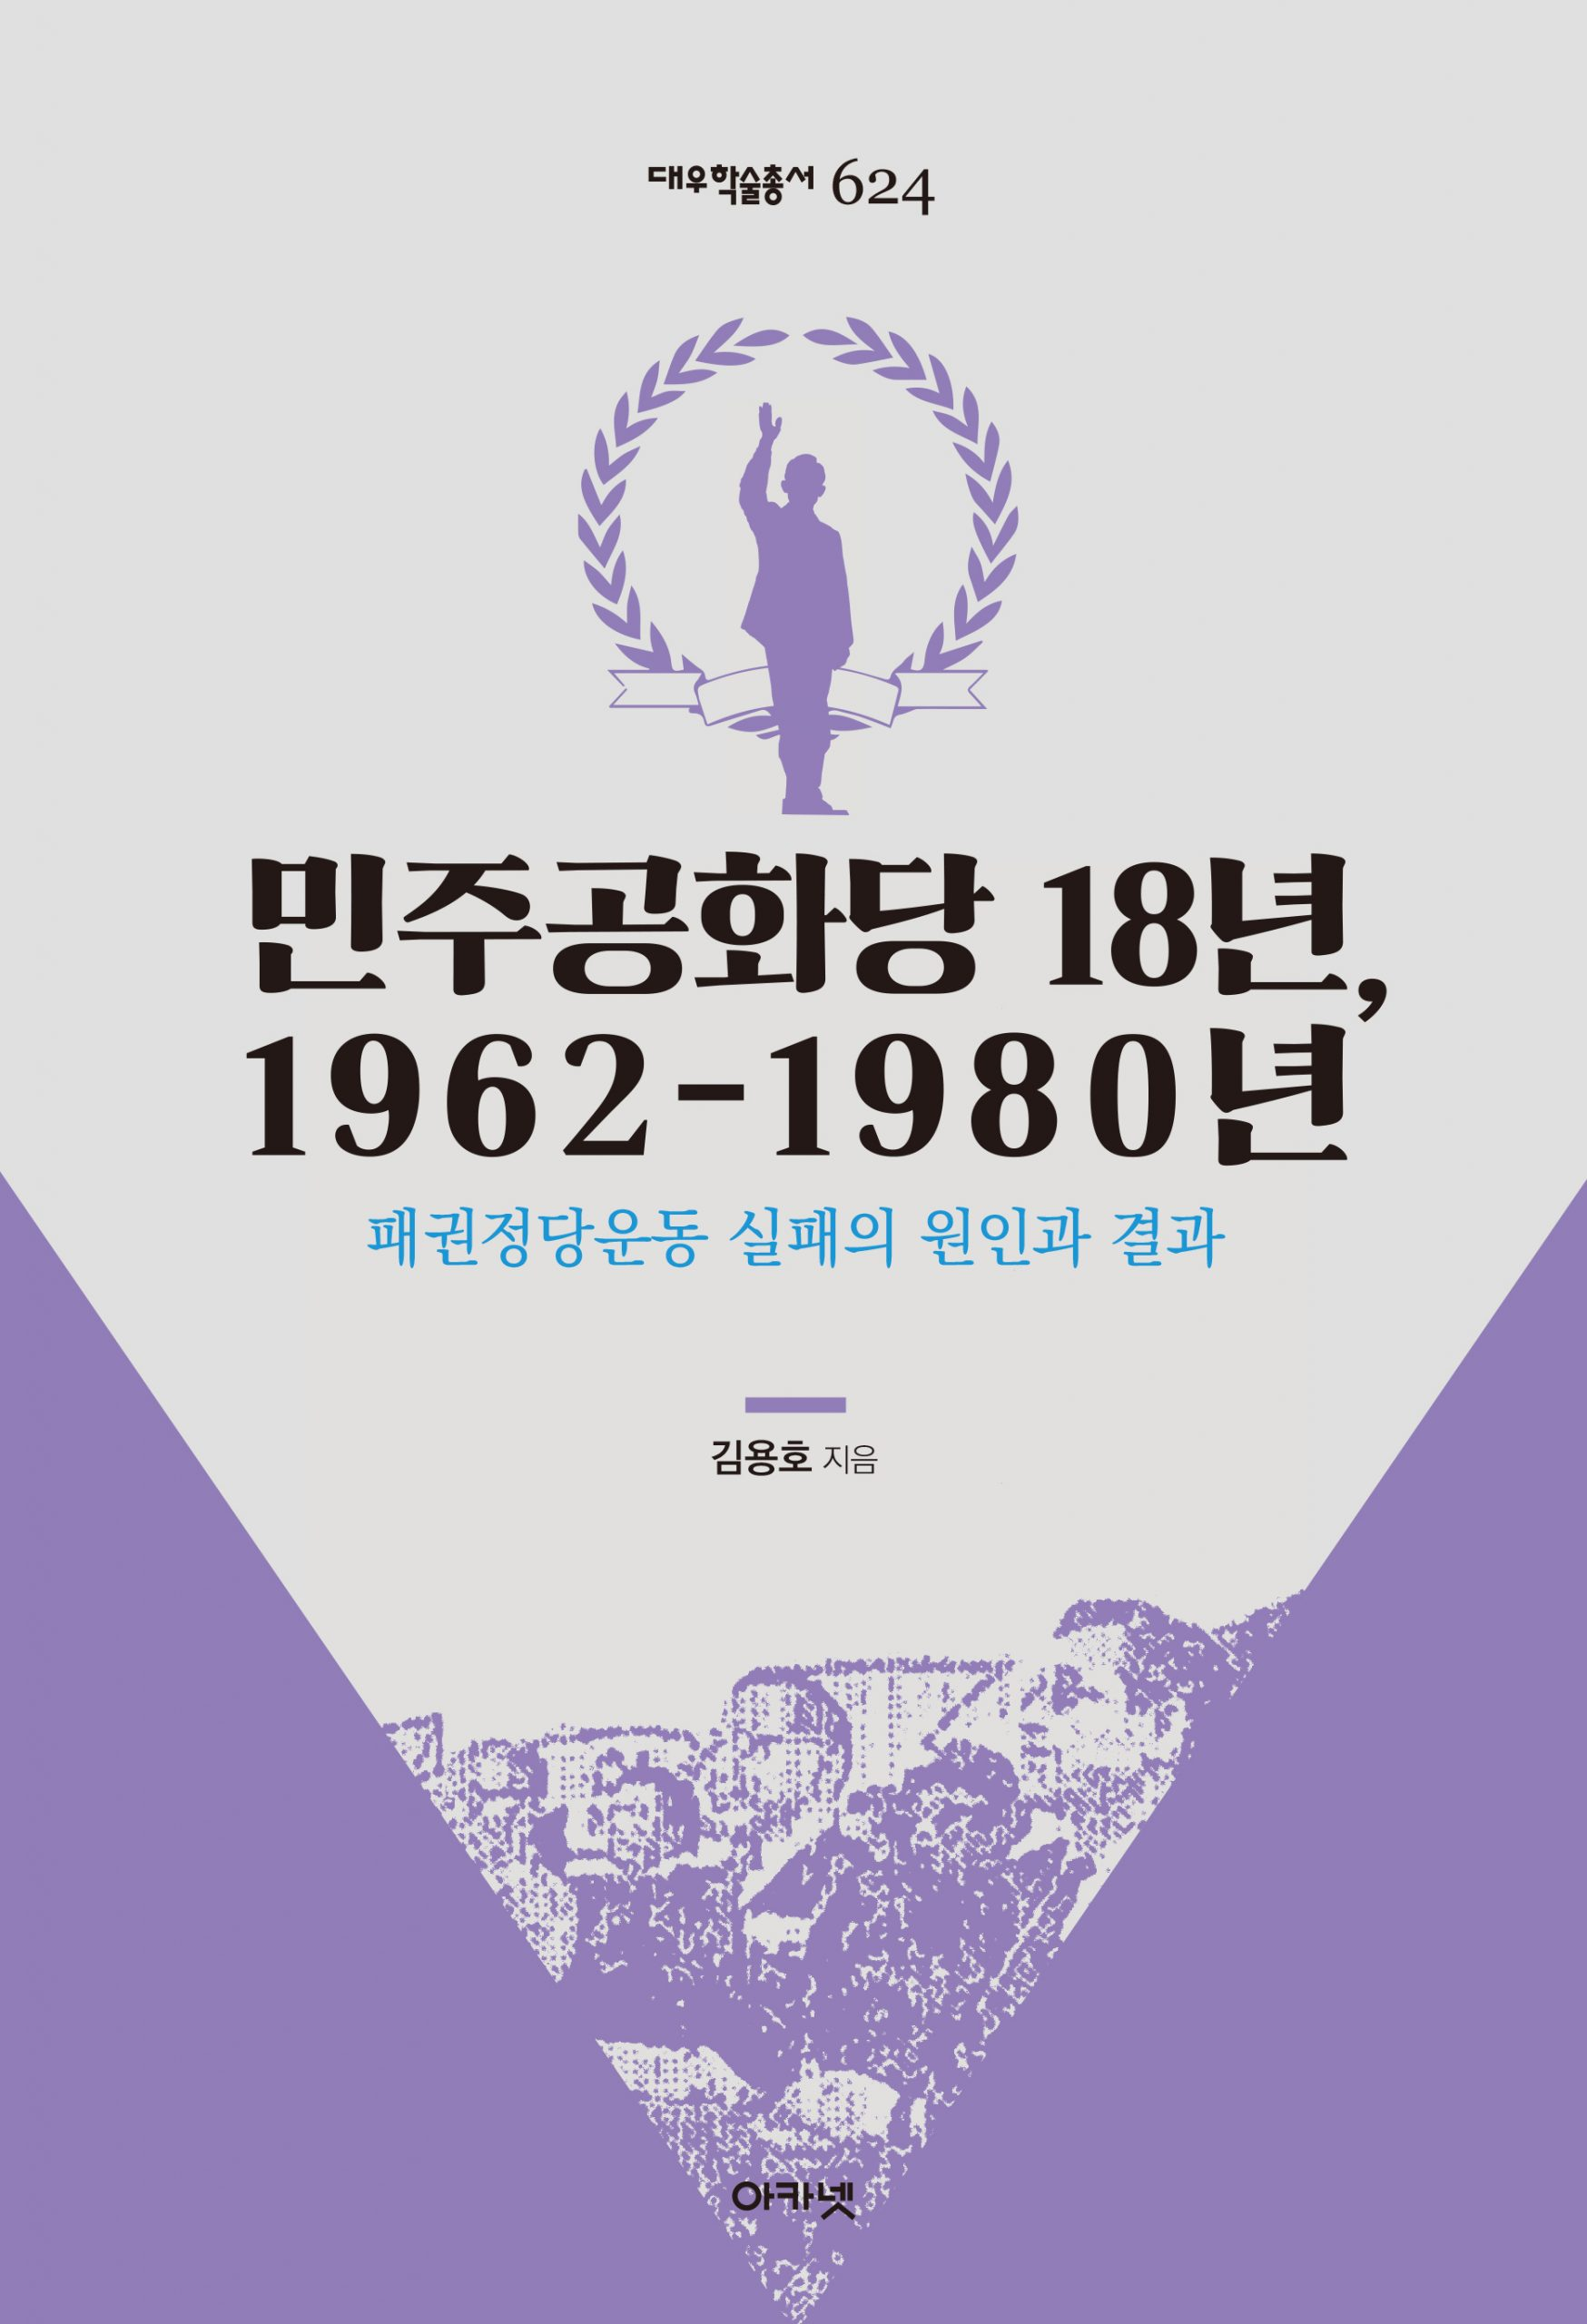 대우재단 대우학술총서 제624권 민주공화당 18년, 1962-1980년 written by 김용호 and published by 아카넷 in 2020